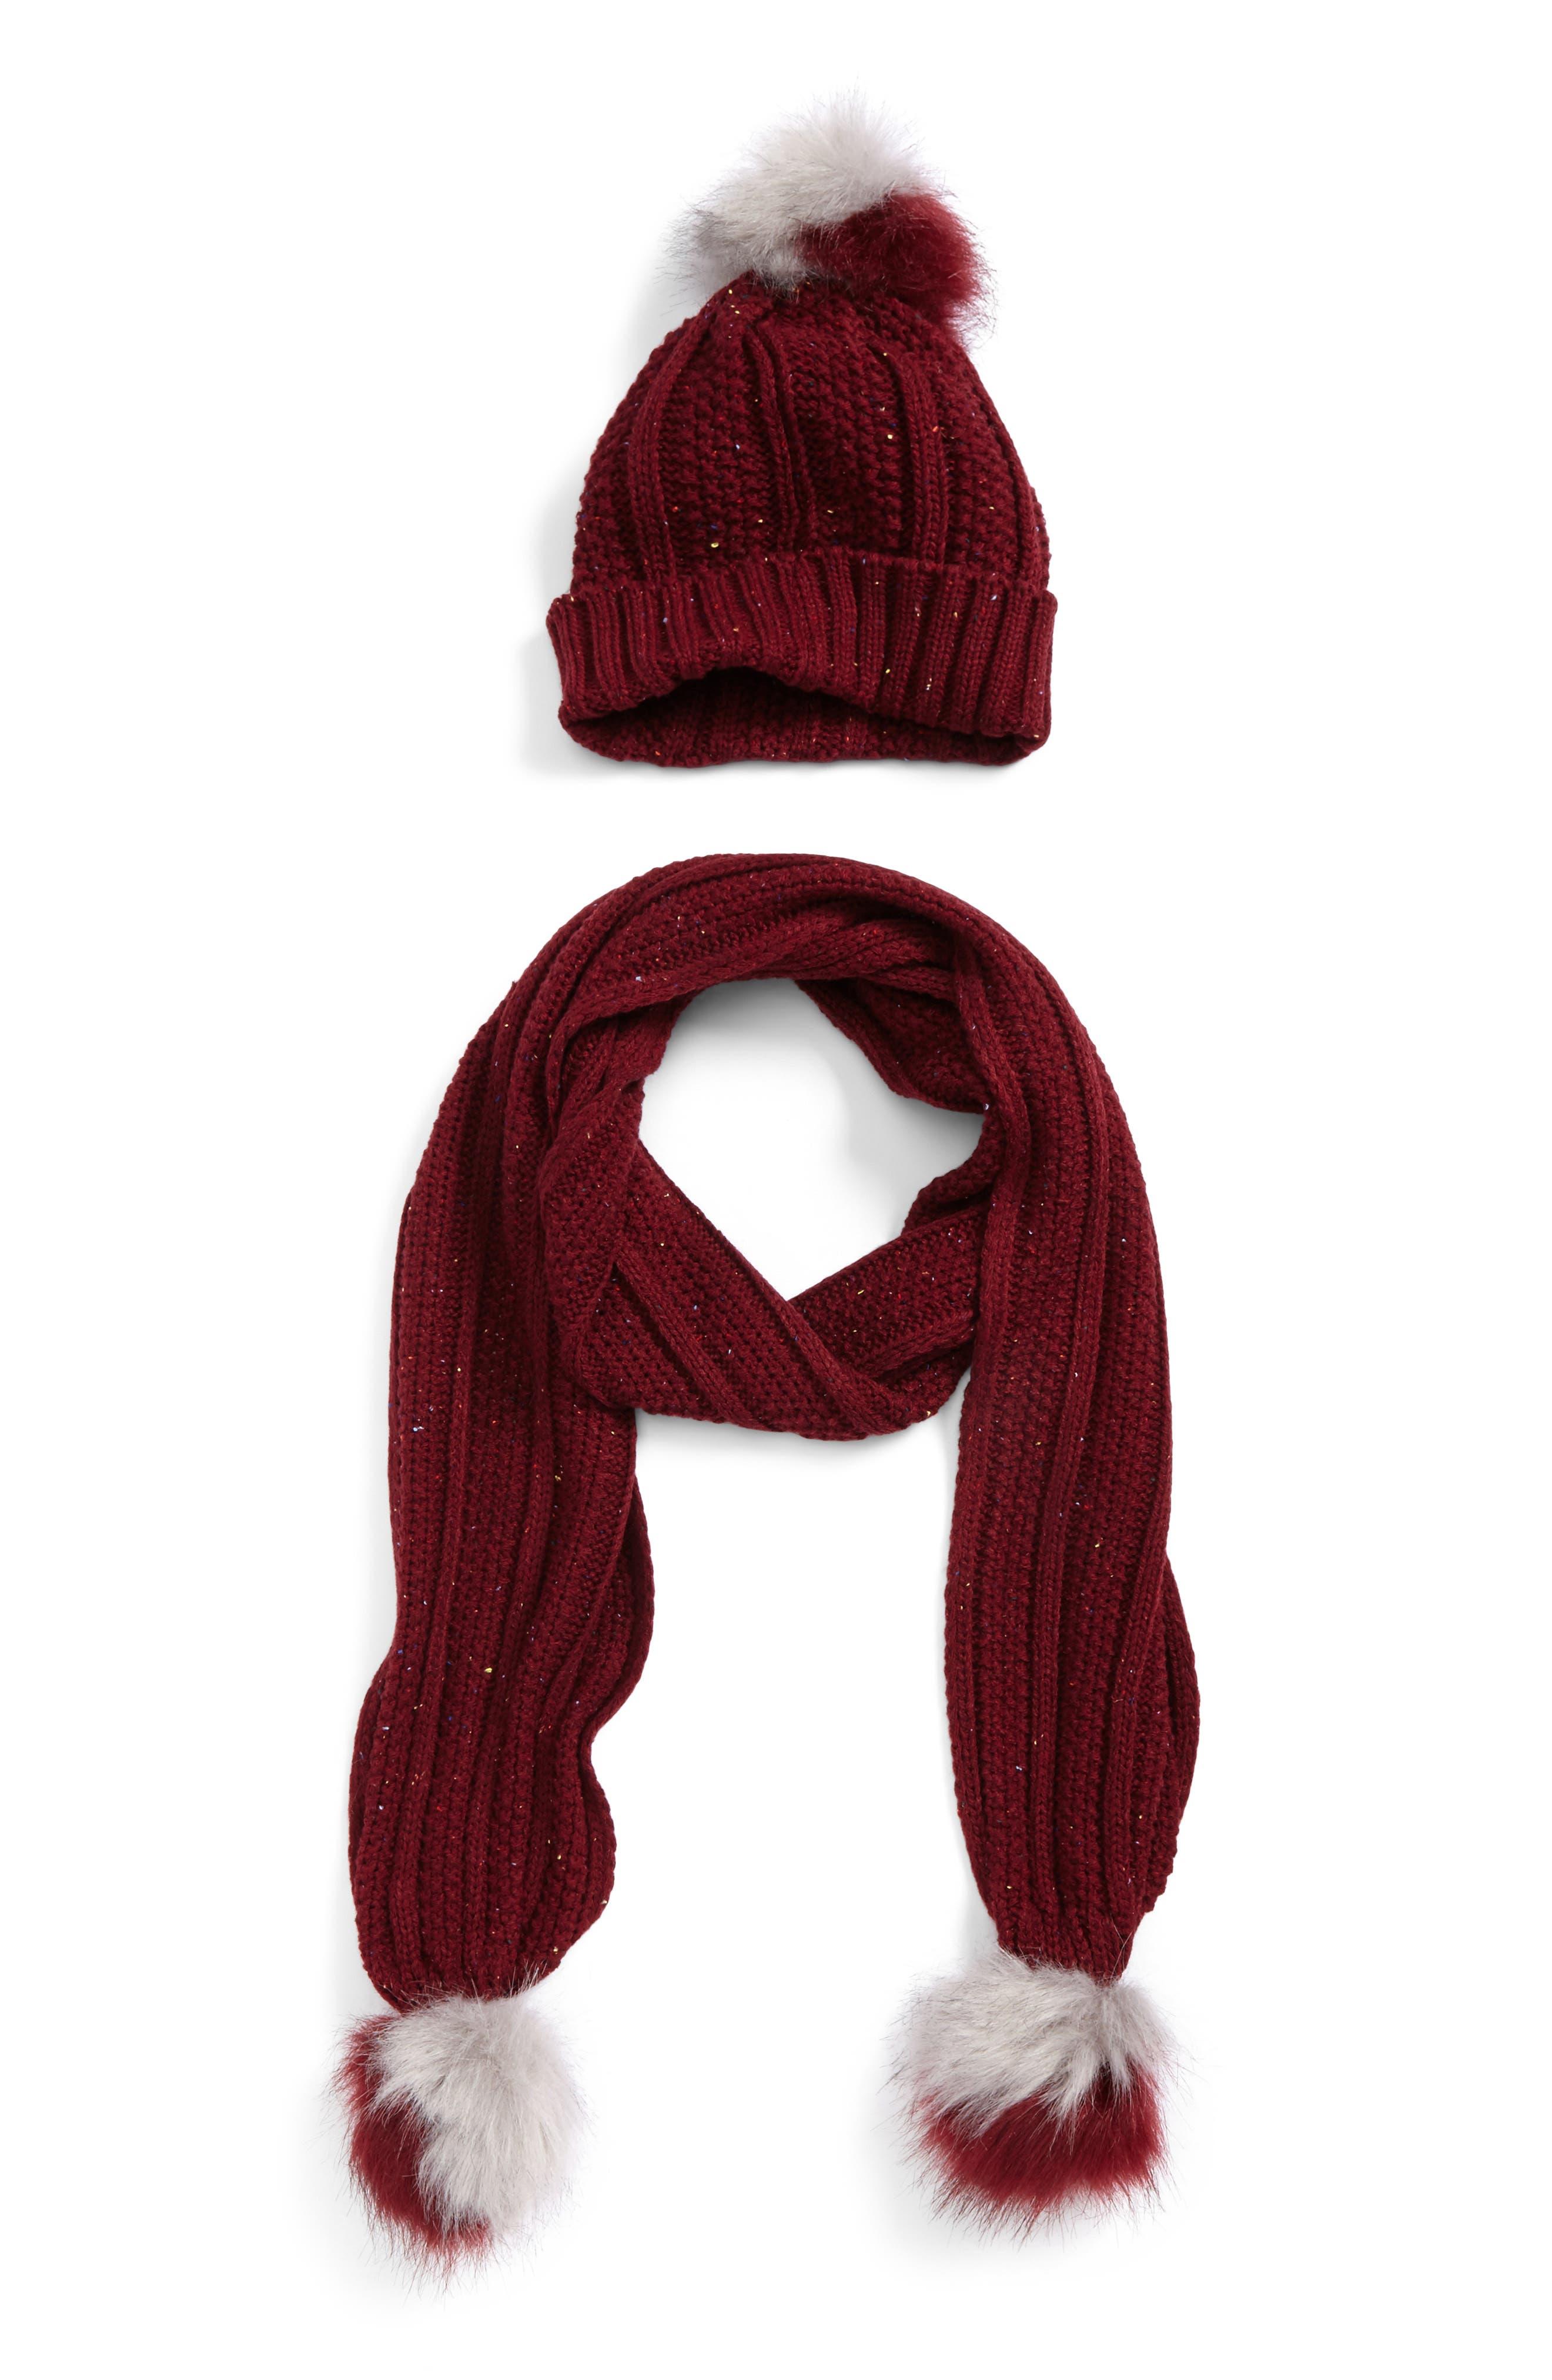 Main Image - NYC Underground Faux Fur Pompom Knit Beanie & Scarf